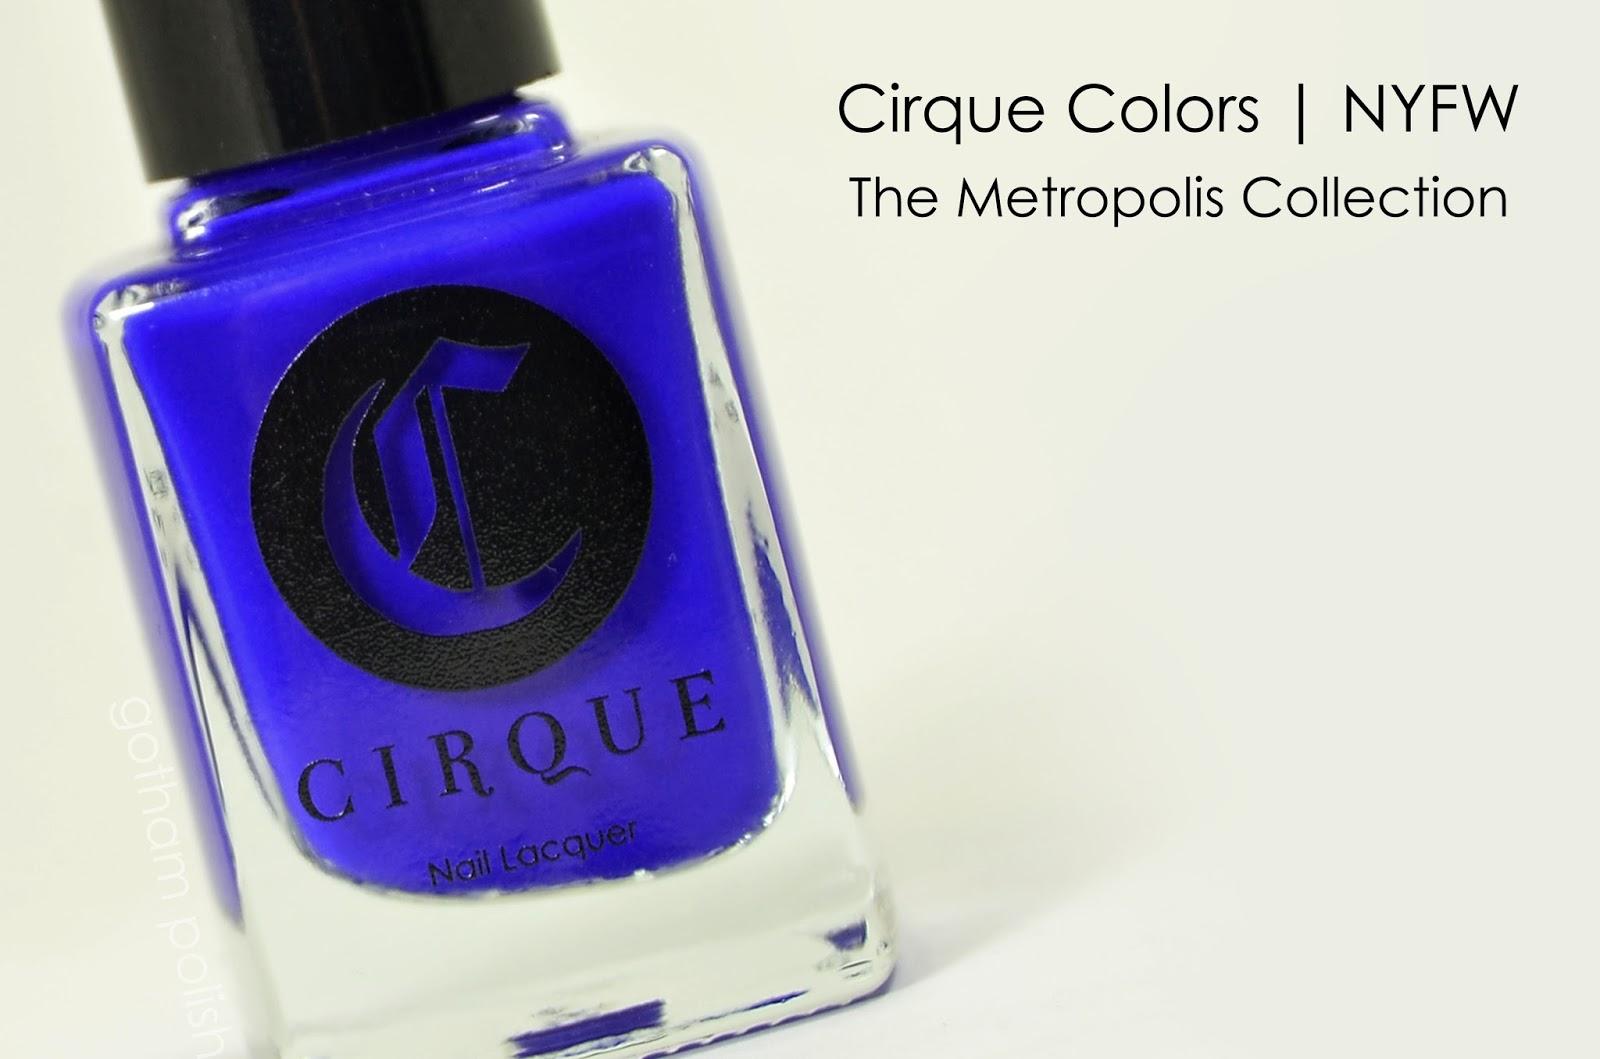 Cirque Colors NYFW